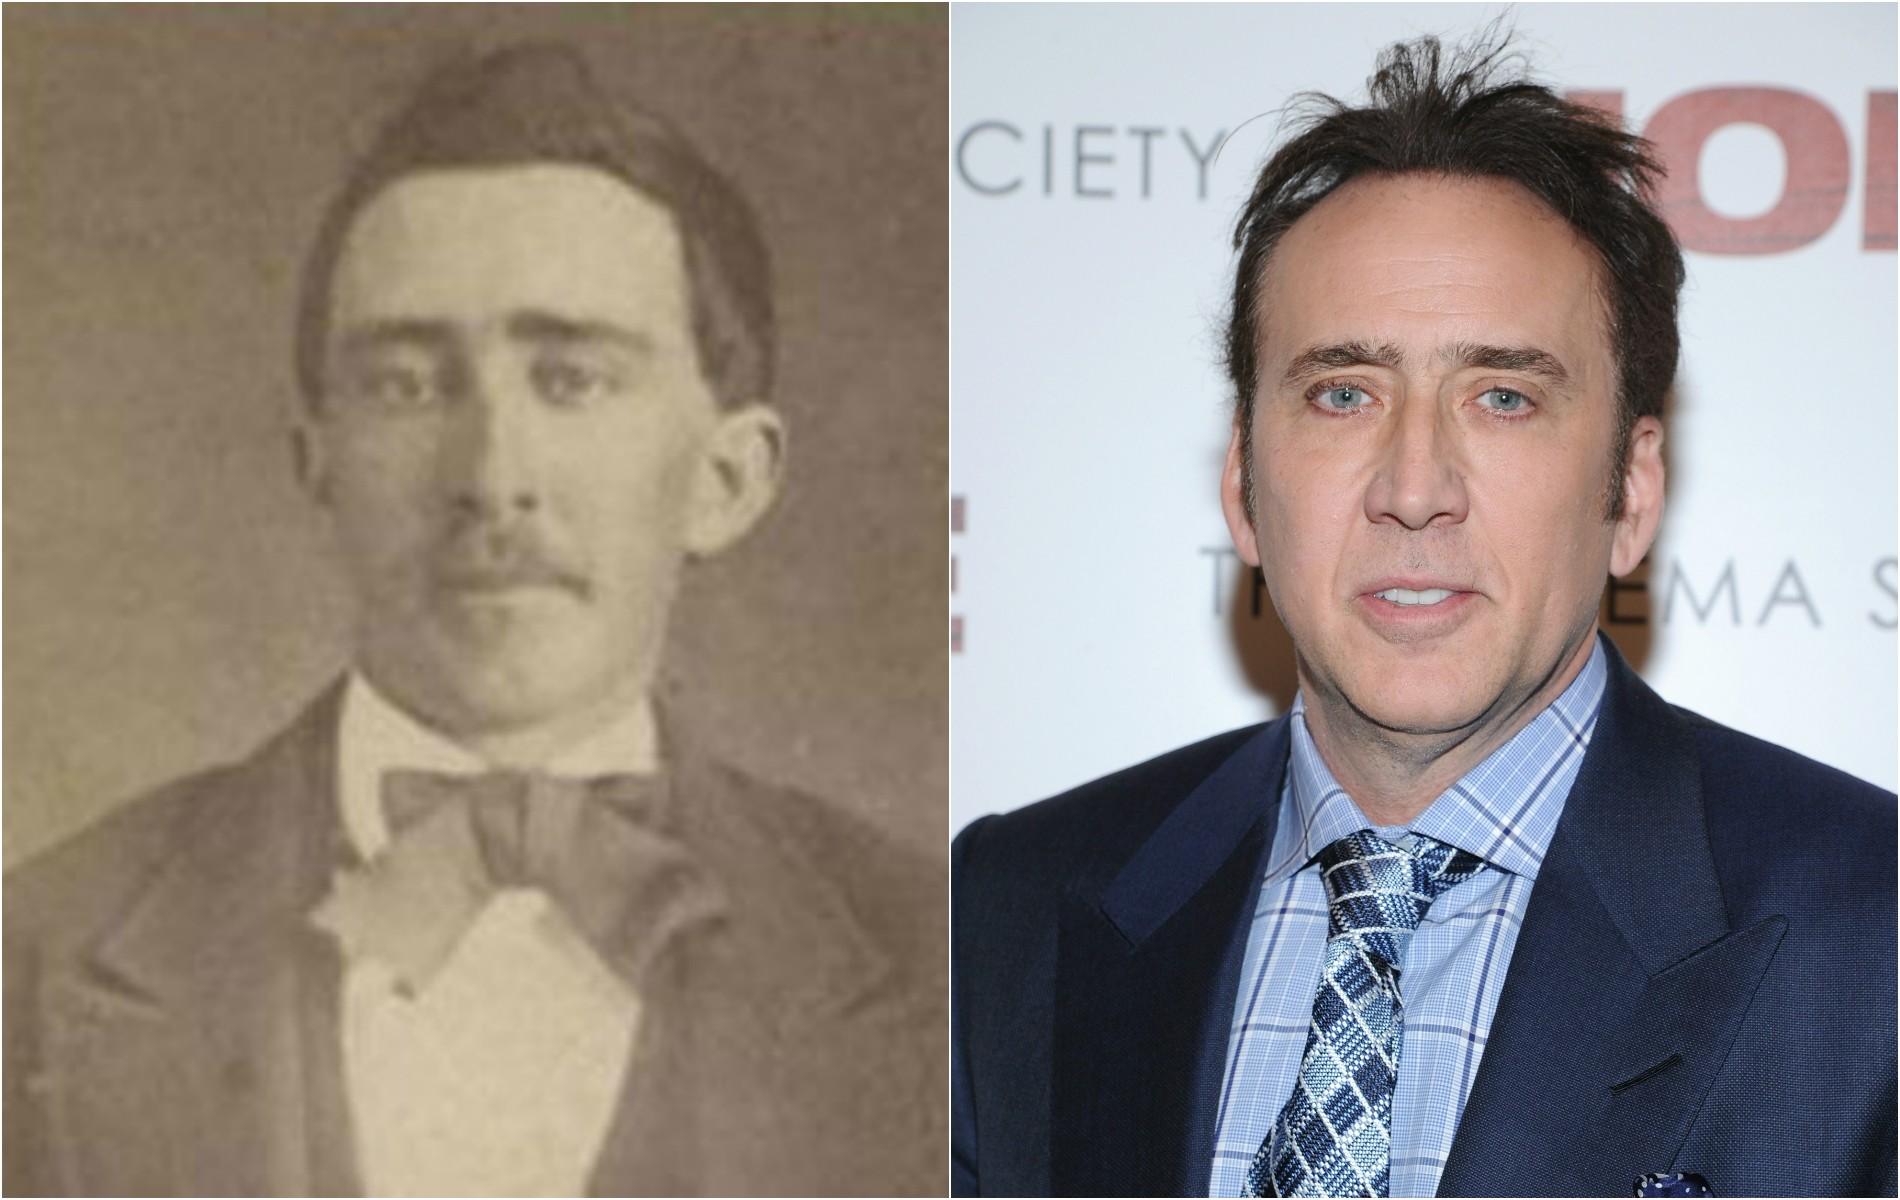 Nicolas Cage e este homem anônimo do século 19. (Foto: Reprodução e Getty Images)